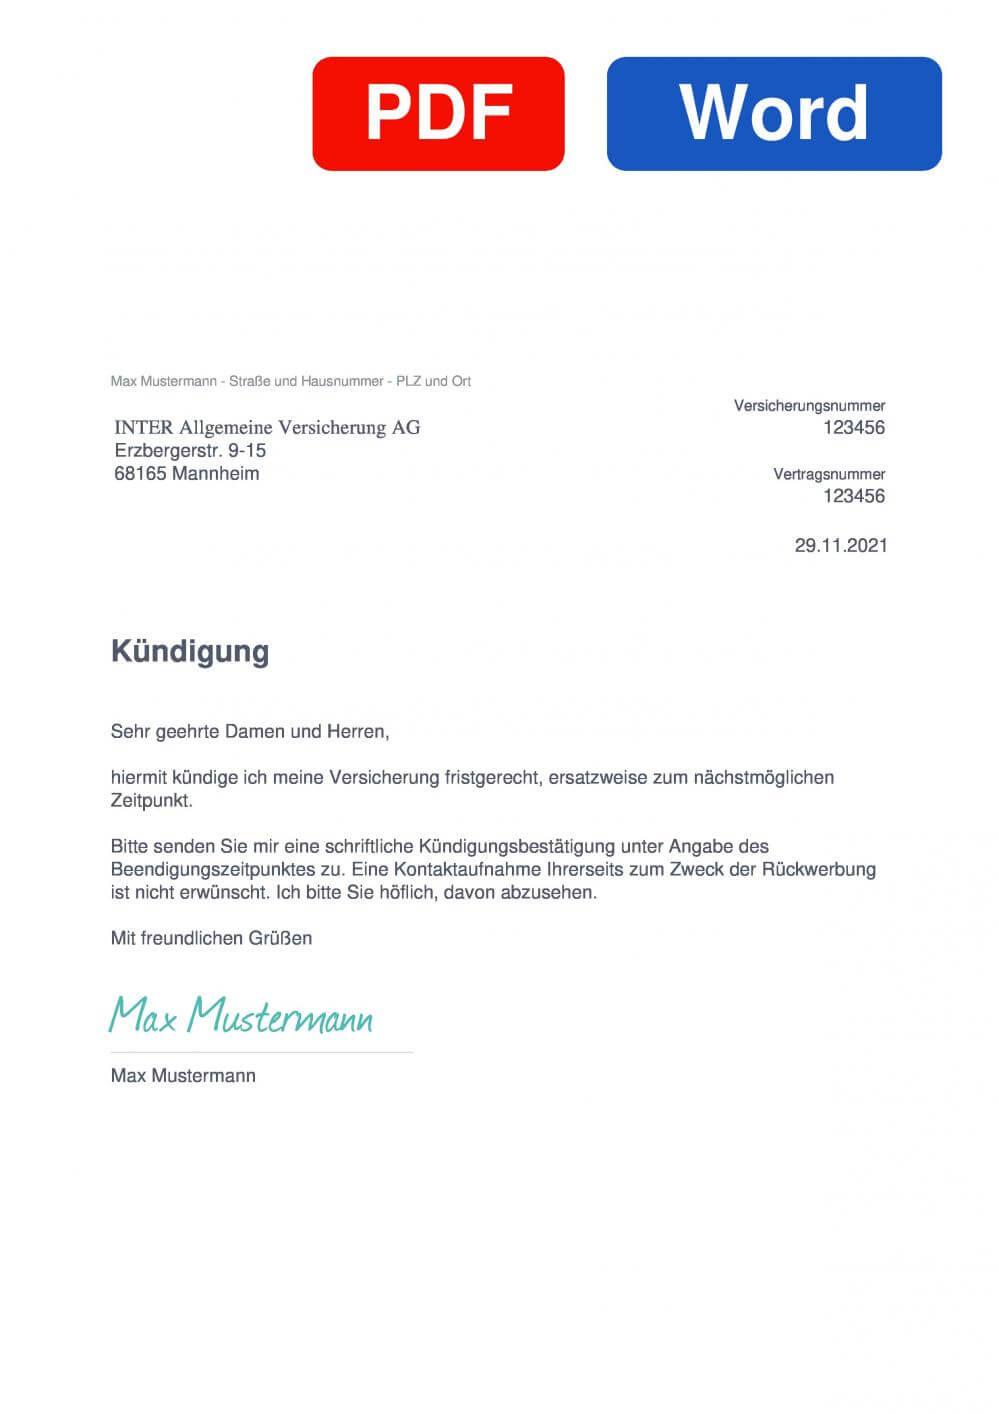 INTER Versicherung Muster Vorlage für Kündigungsschreiben